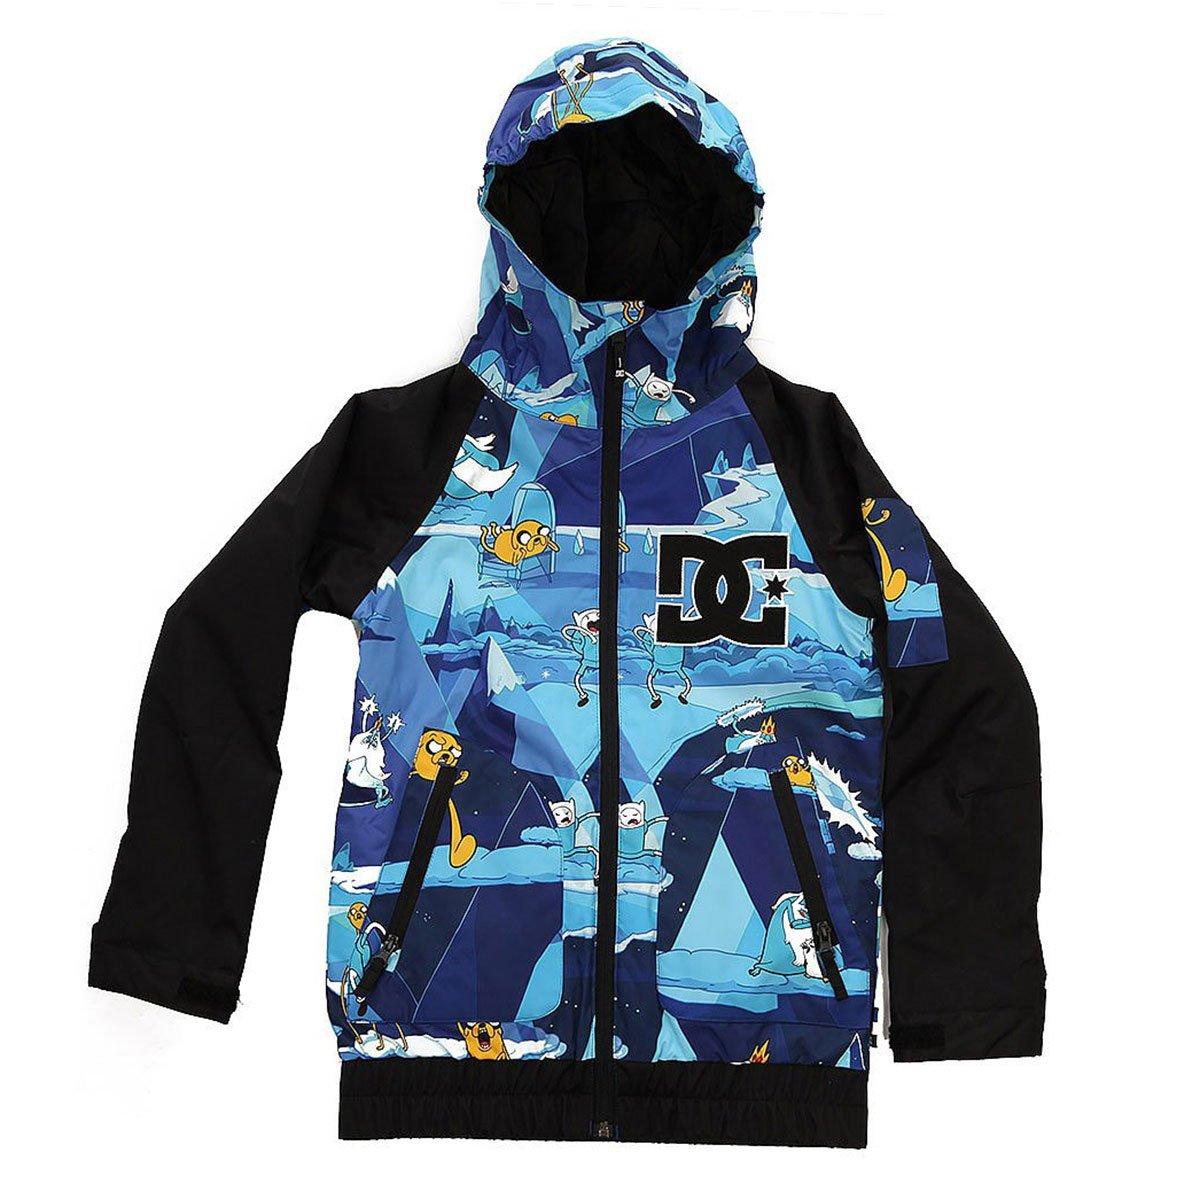 Купить куртку детскую DC Troop Adventure Time (EDBTJ03015-BNK6) в ... 2180cbd3cc0